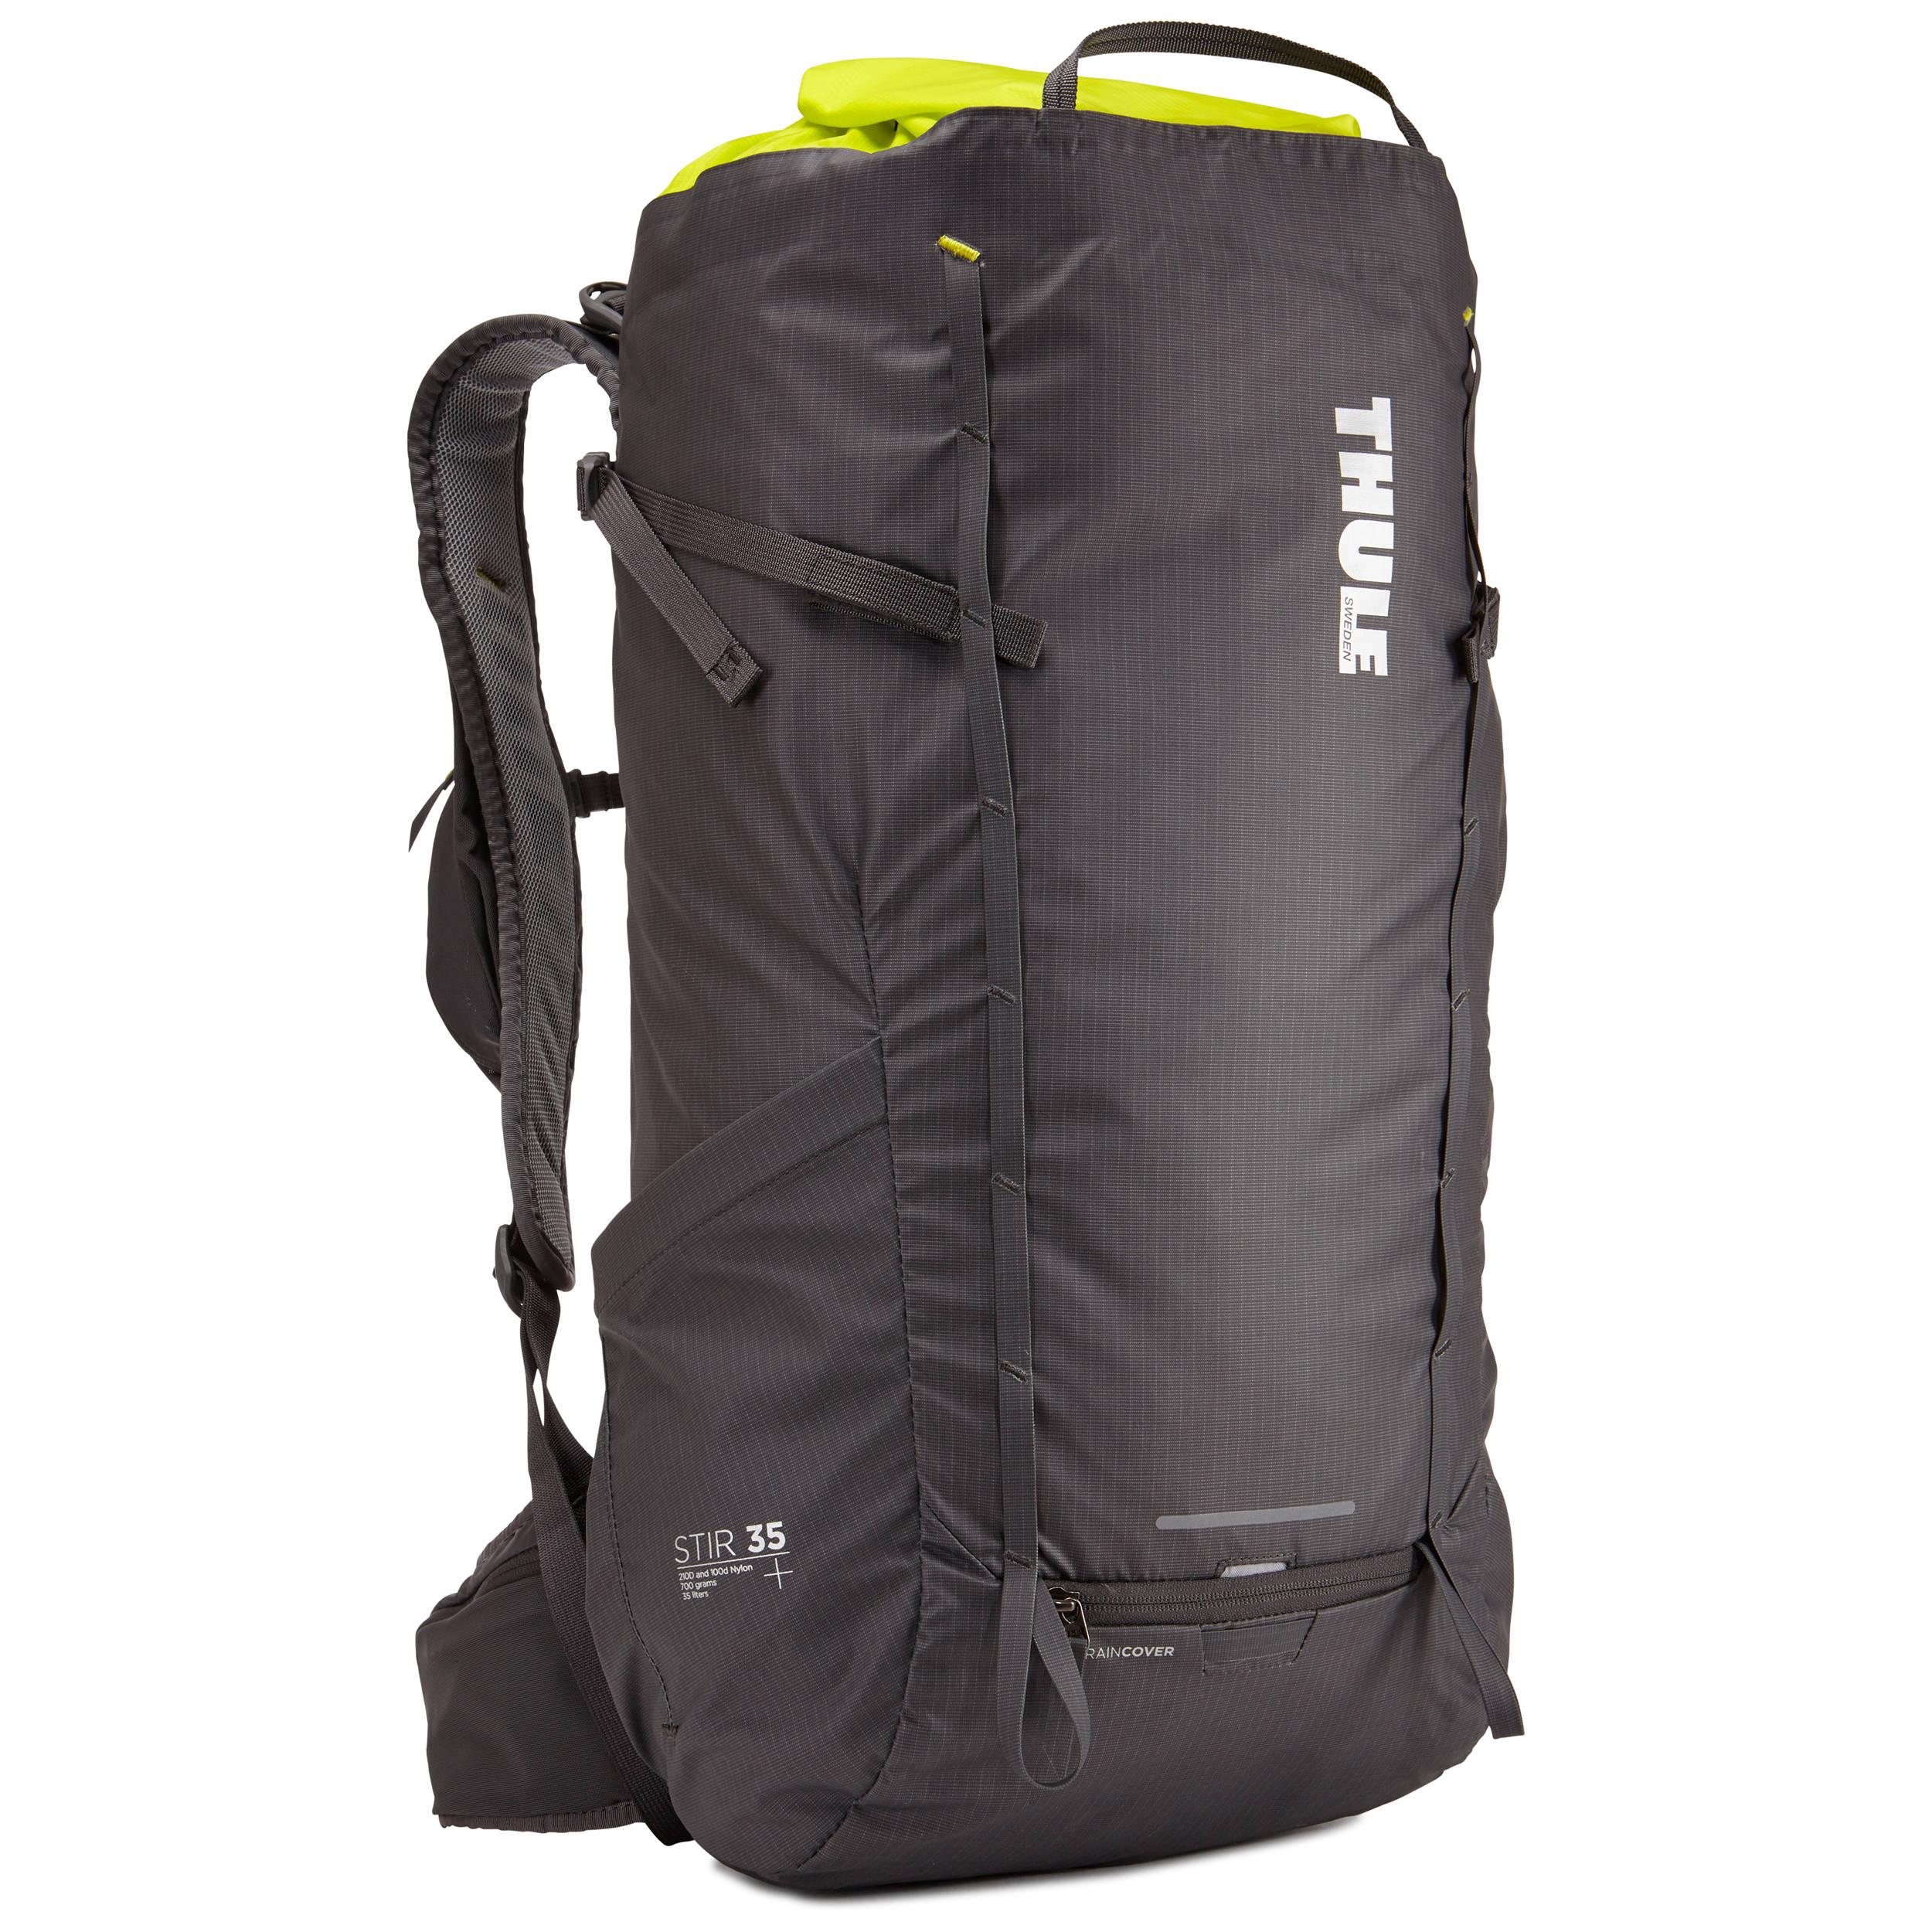 Thule Stir 35L Men's Hiking Pack (Dark Shadow) 211400 B&H ...